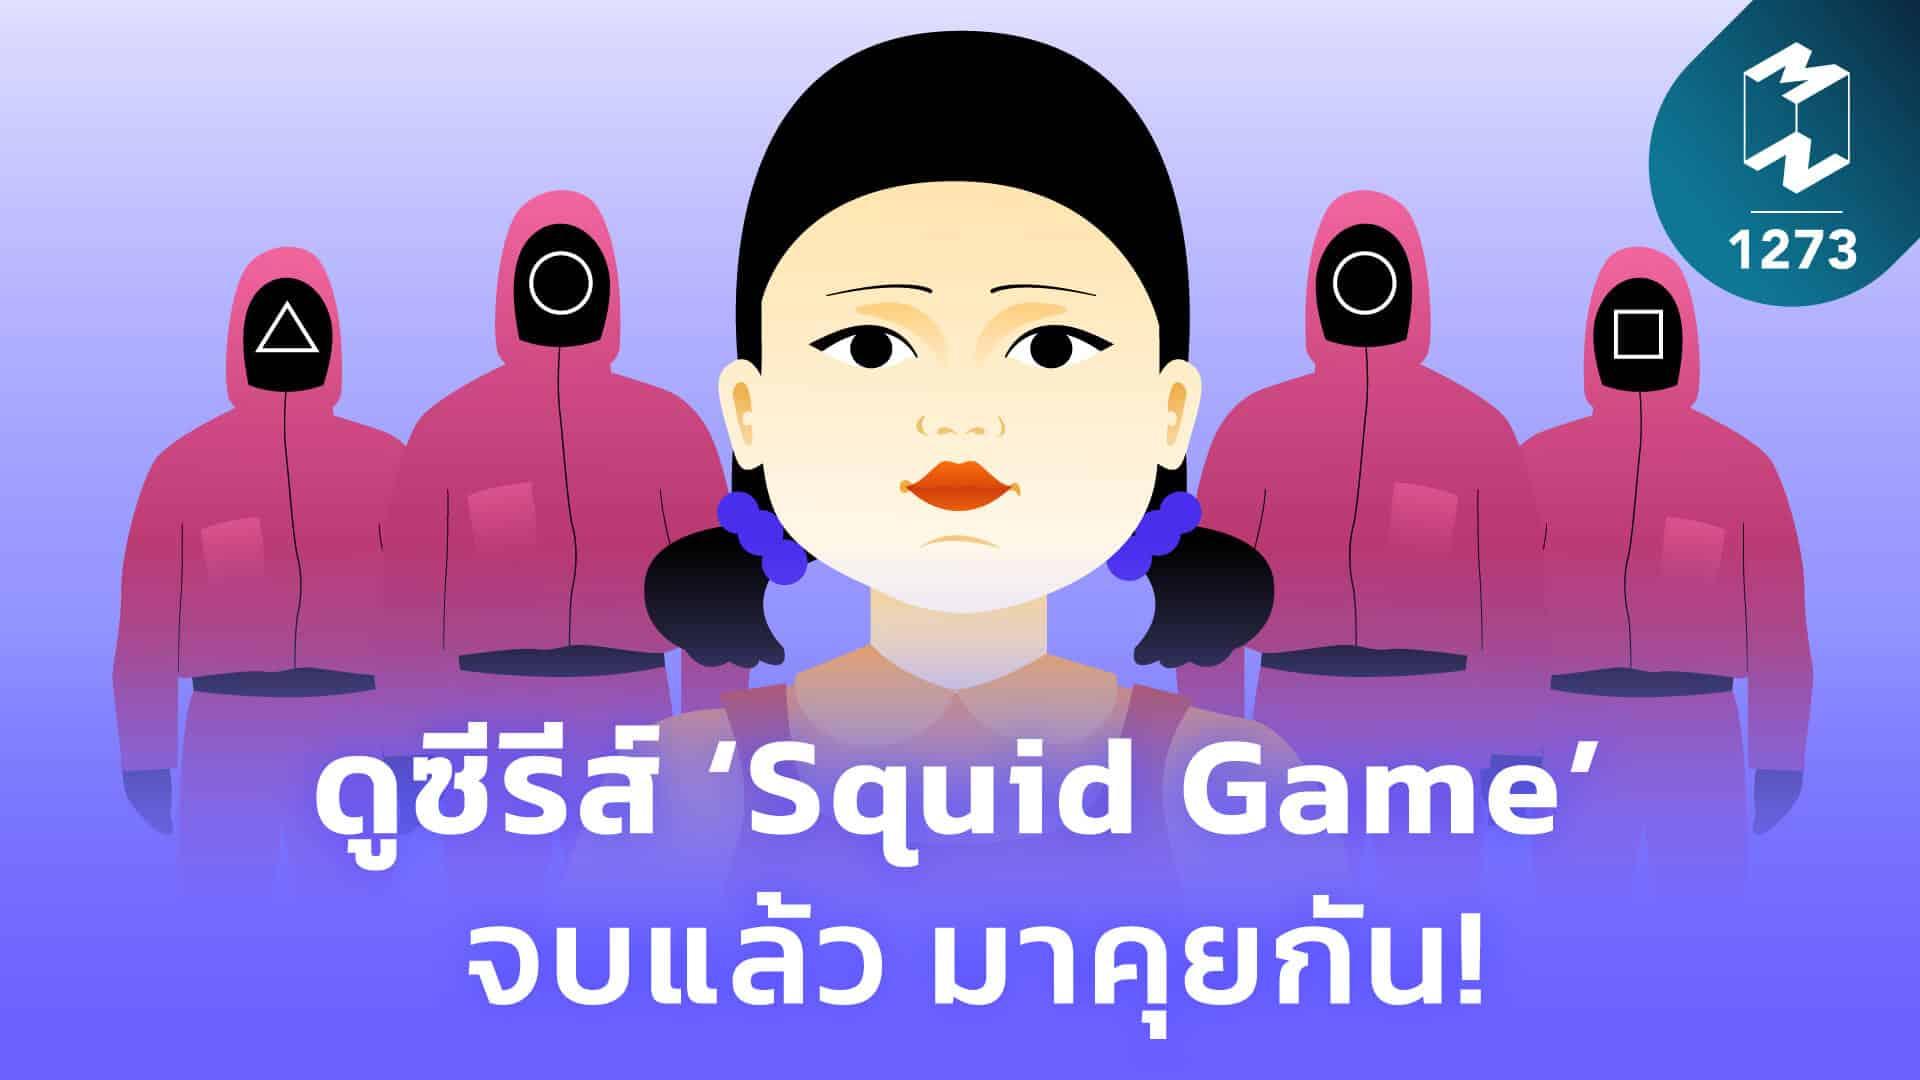 ดูซีรีส์ 'Squid Game' จบแล้ว มาคุยกัน!   MM EP.1273